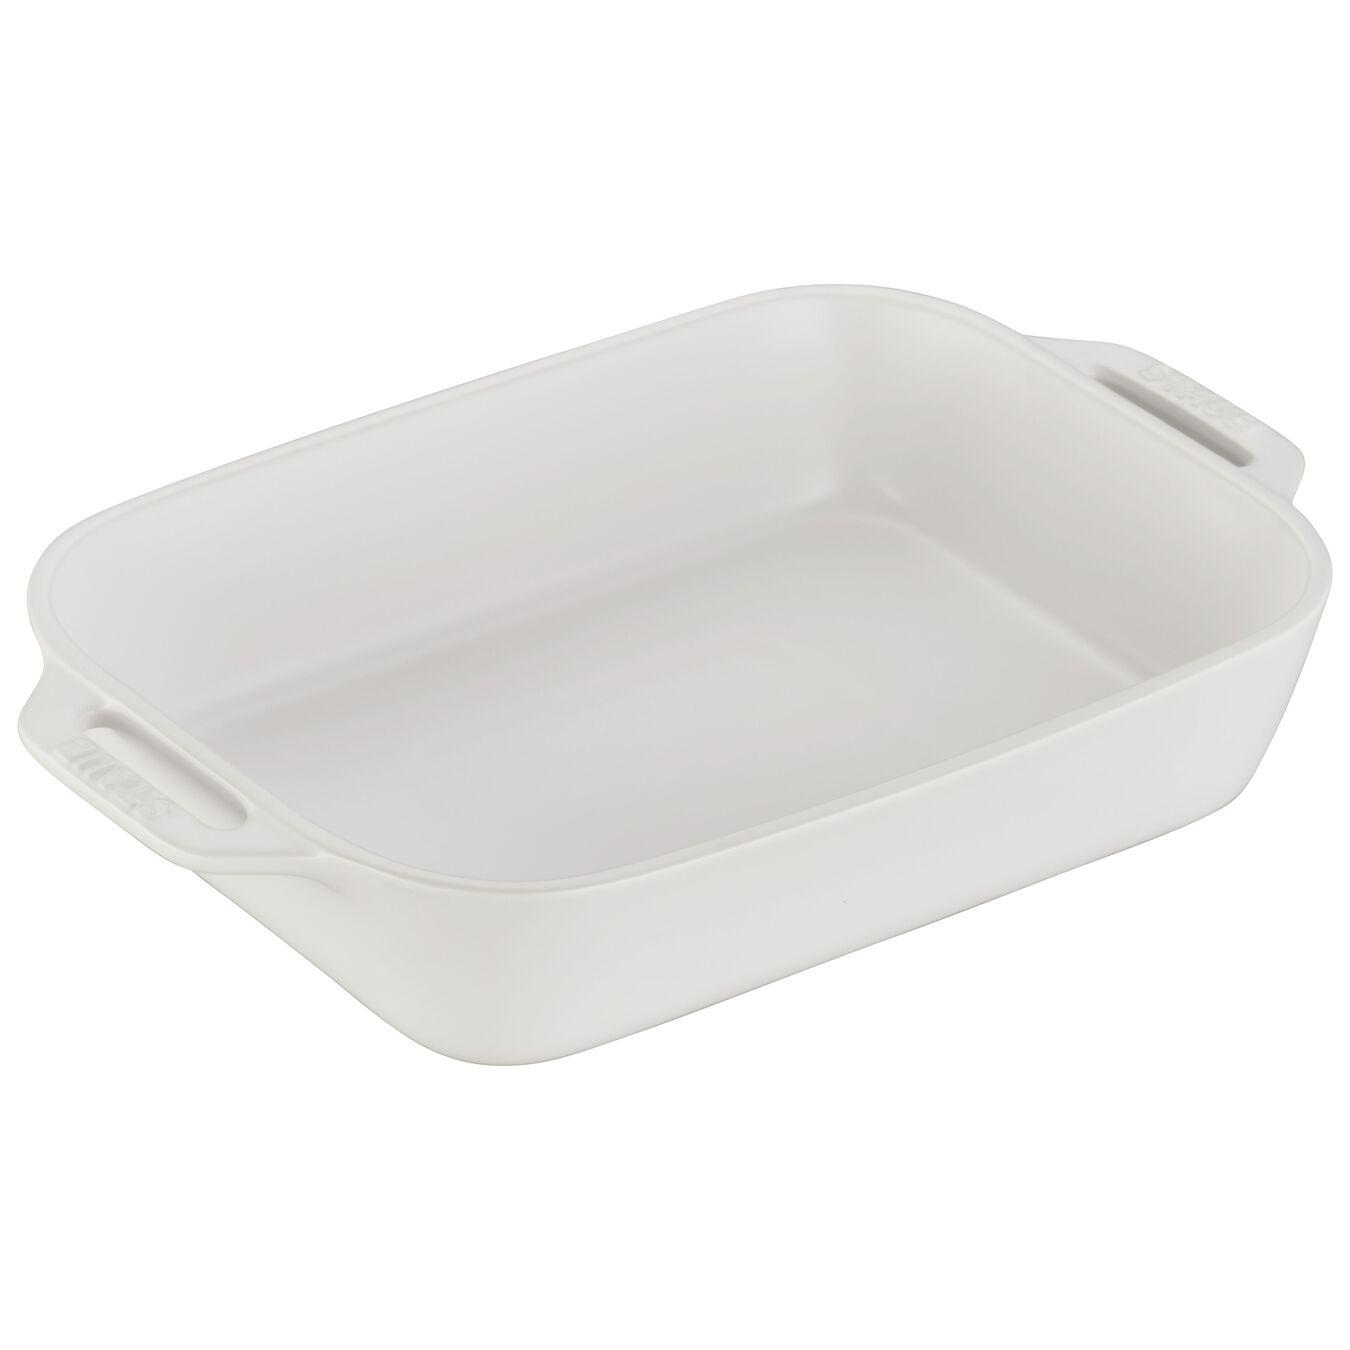 2-pcs rectangular Ensemble plats de cuisson pour le four, Matte-White,,large 3